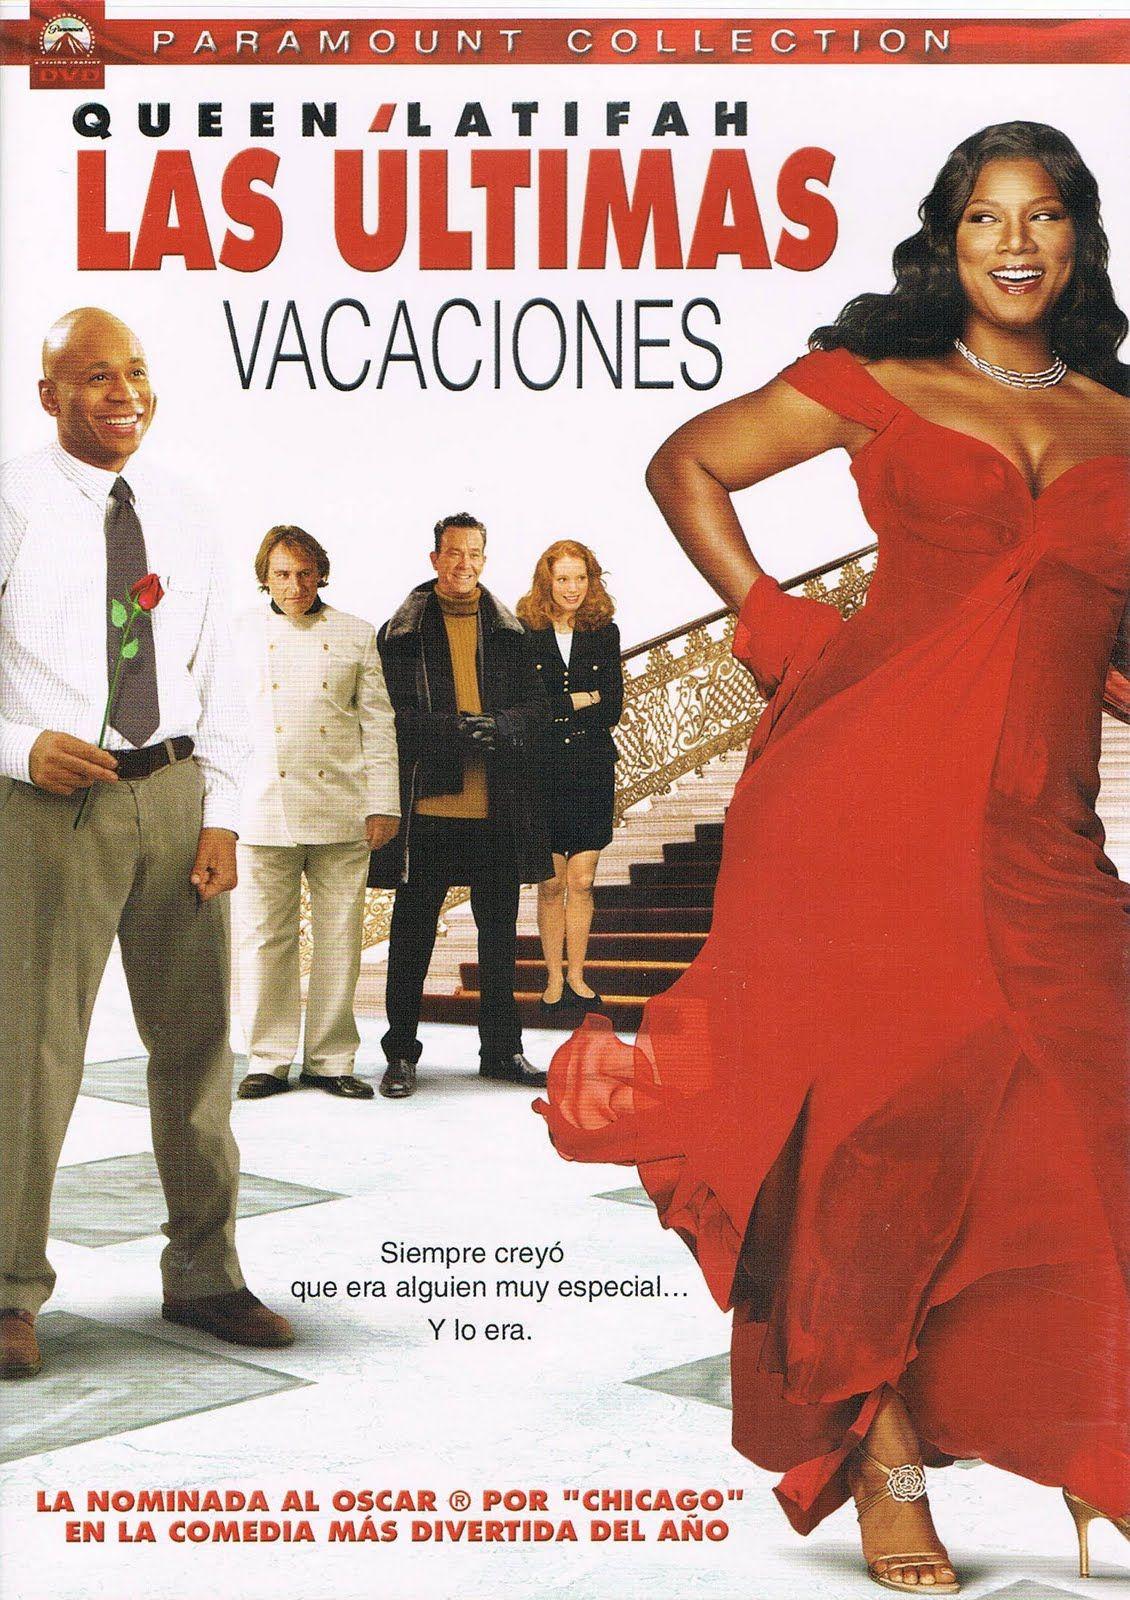 The Last Holiday Las Ultimas Vacaciones Peliculas Cine Peliculas Chicas Peliculas Comedia Romantica